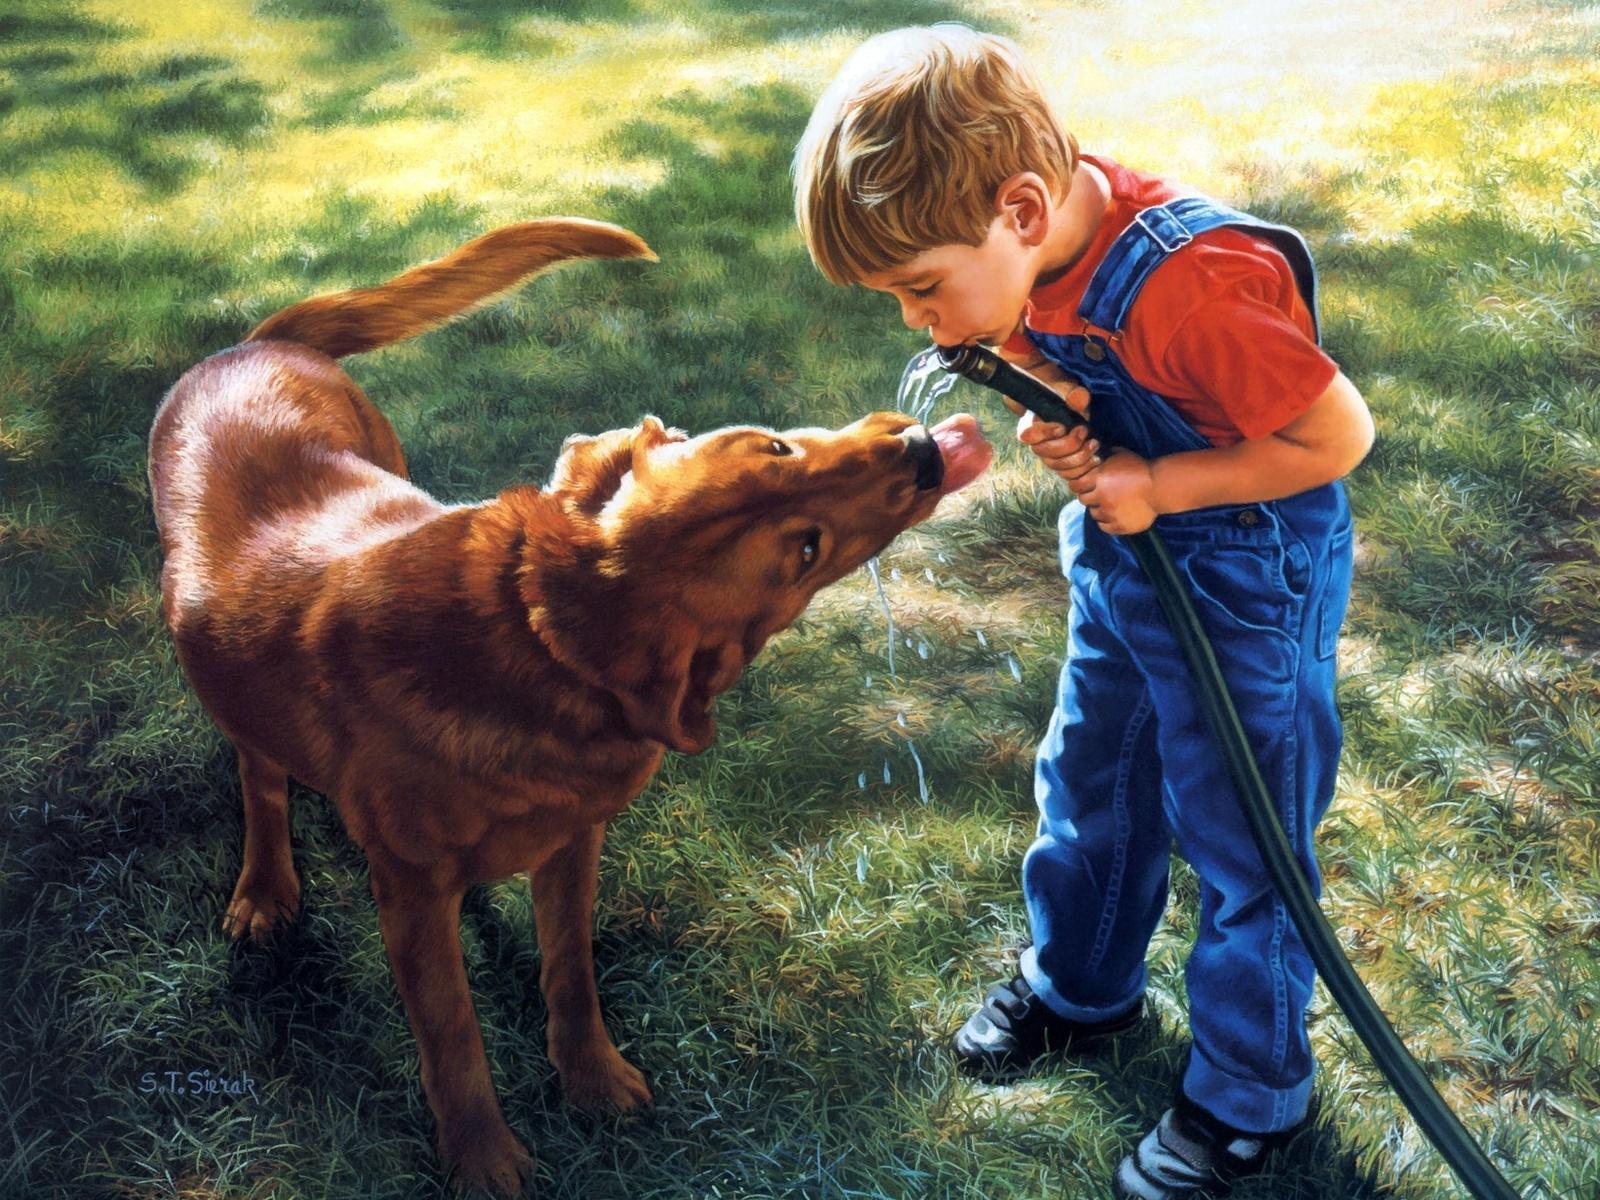 Los niños de fabiola - Página 4 Fotos-de-ni%25C3%25B1os-jugando-con-manguerra-de-agua